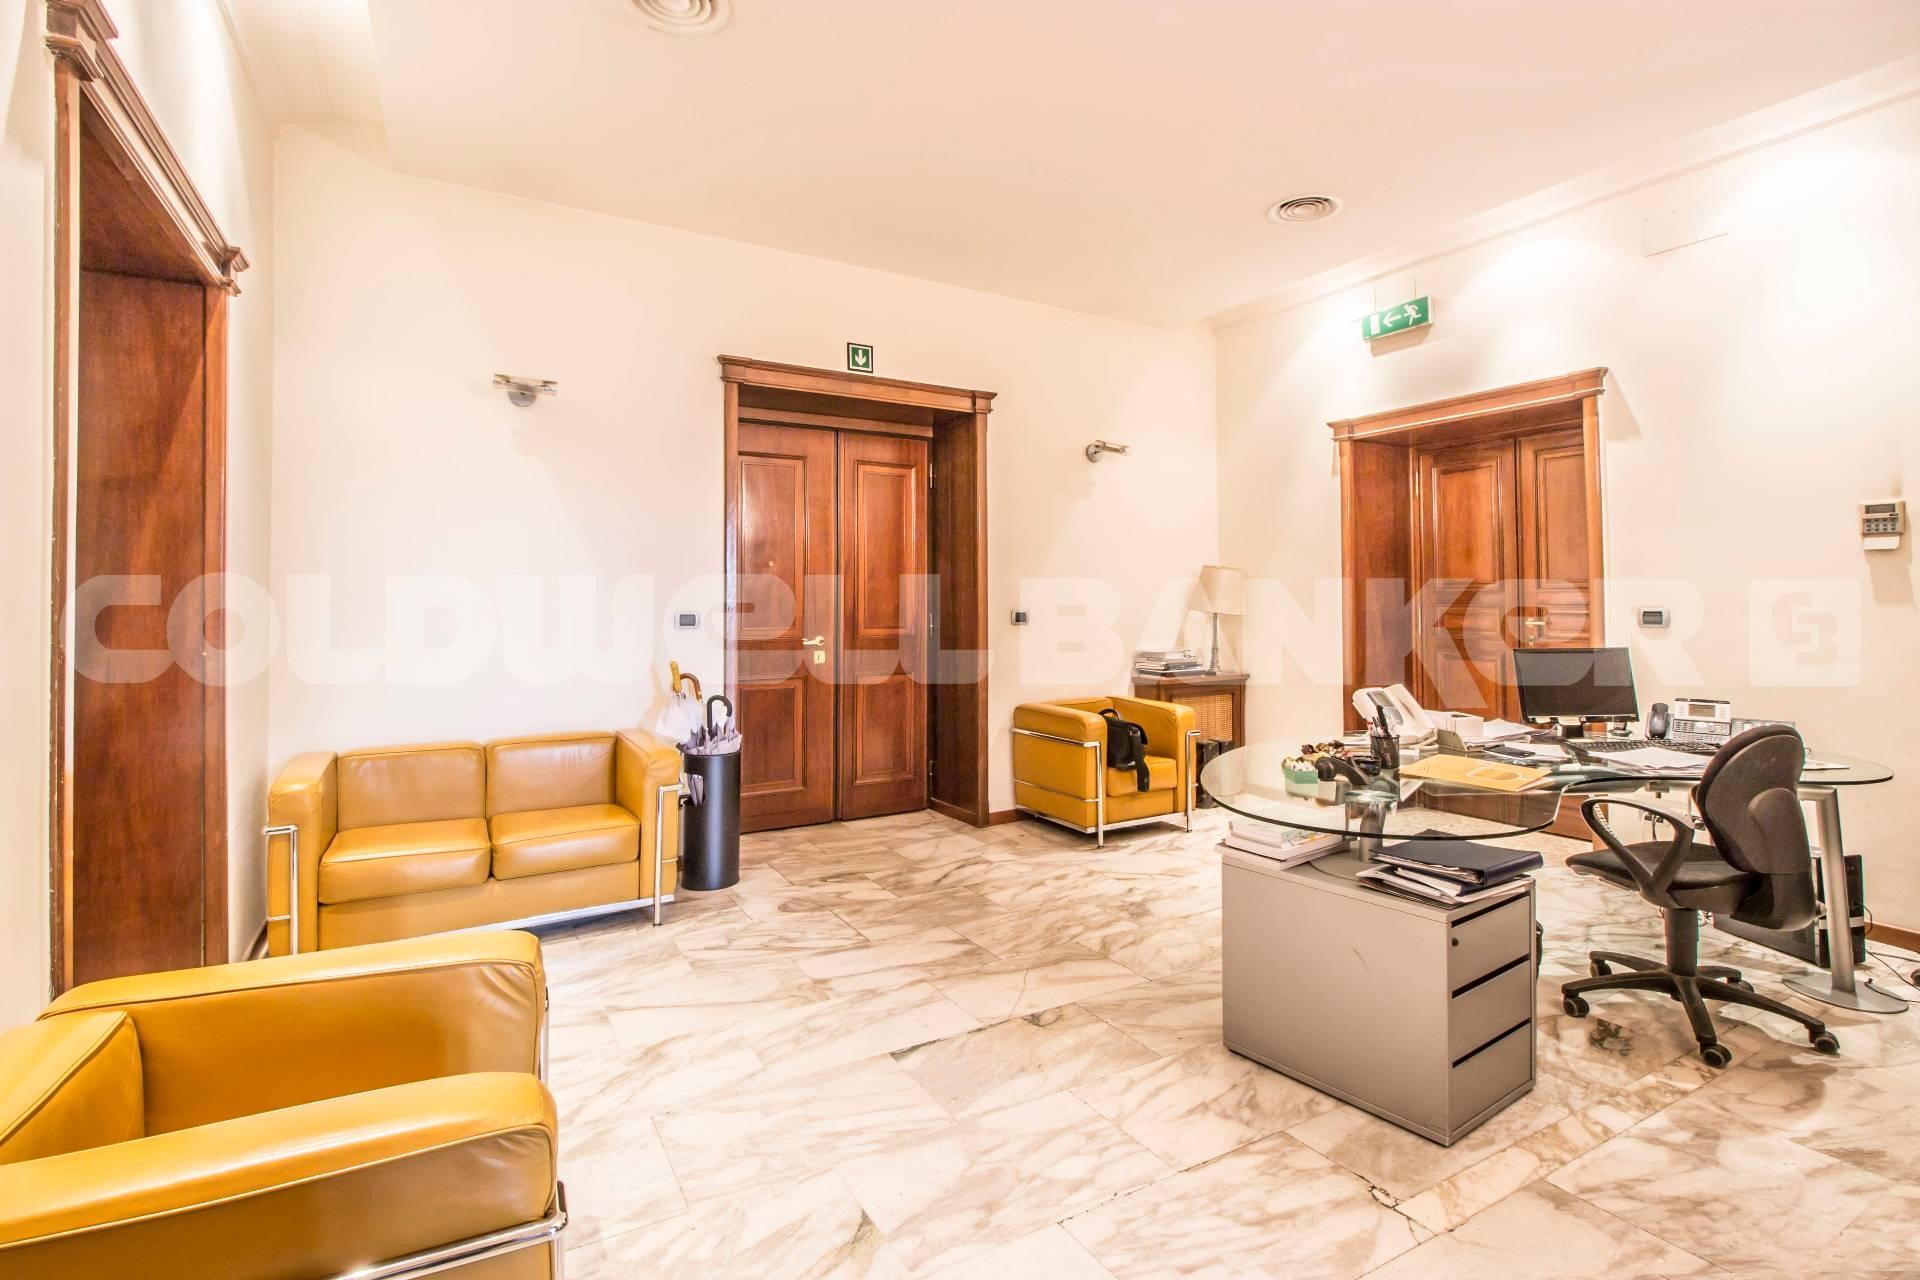 Cbi072 ex1069 ufficio in affitto a roma flaminio for Affitto postazione ufficio roma